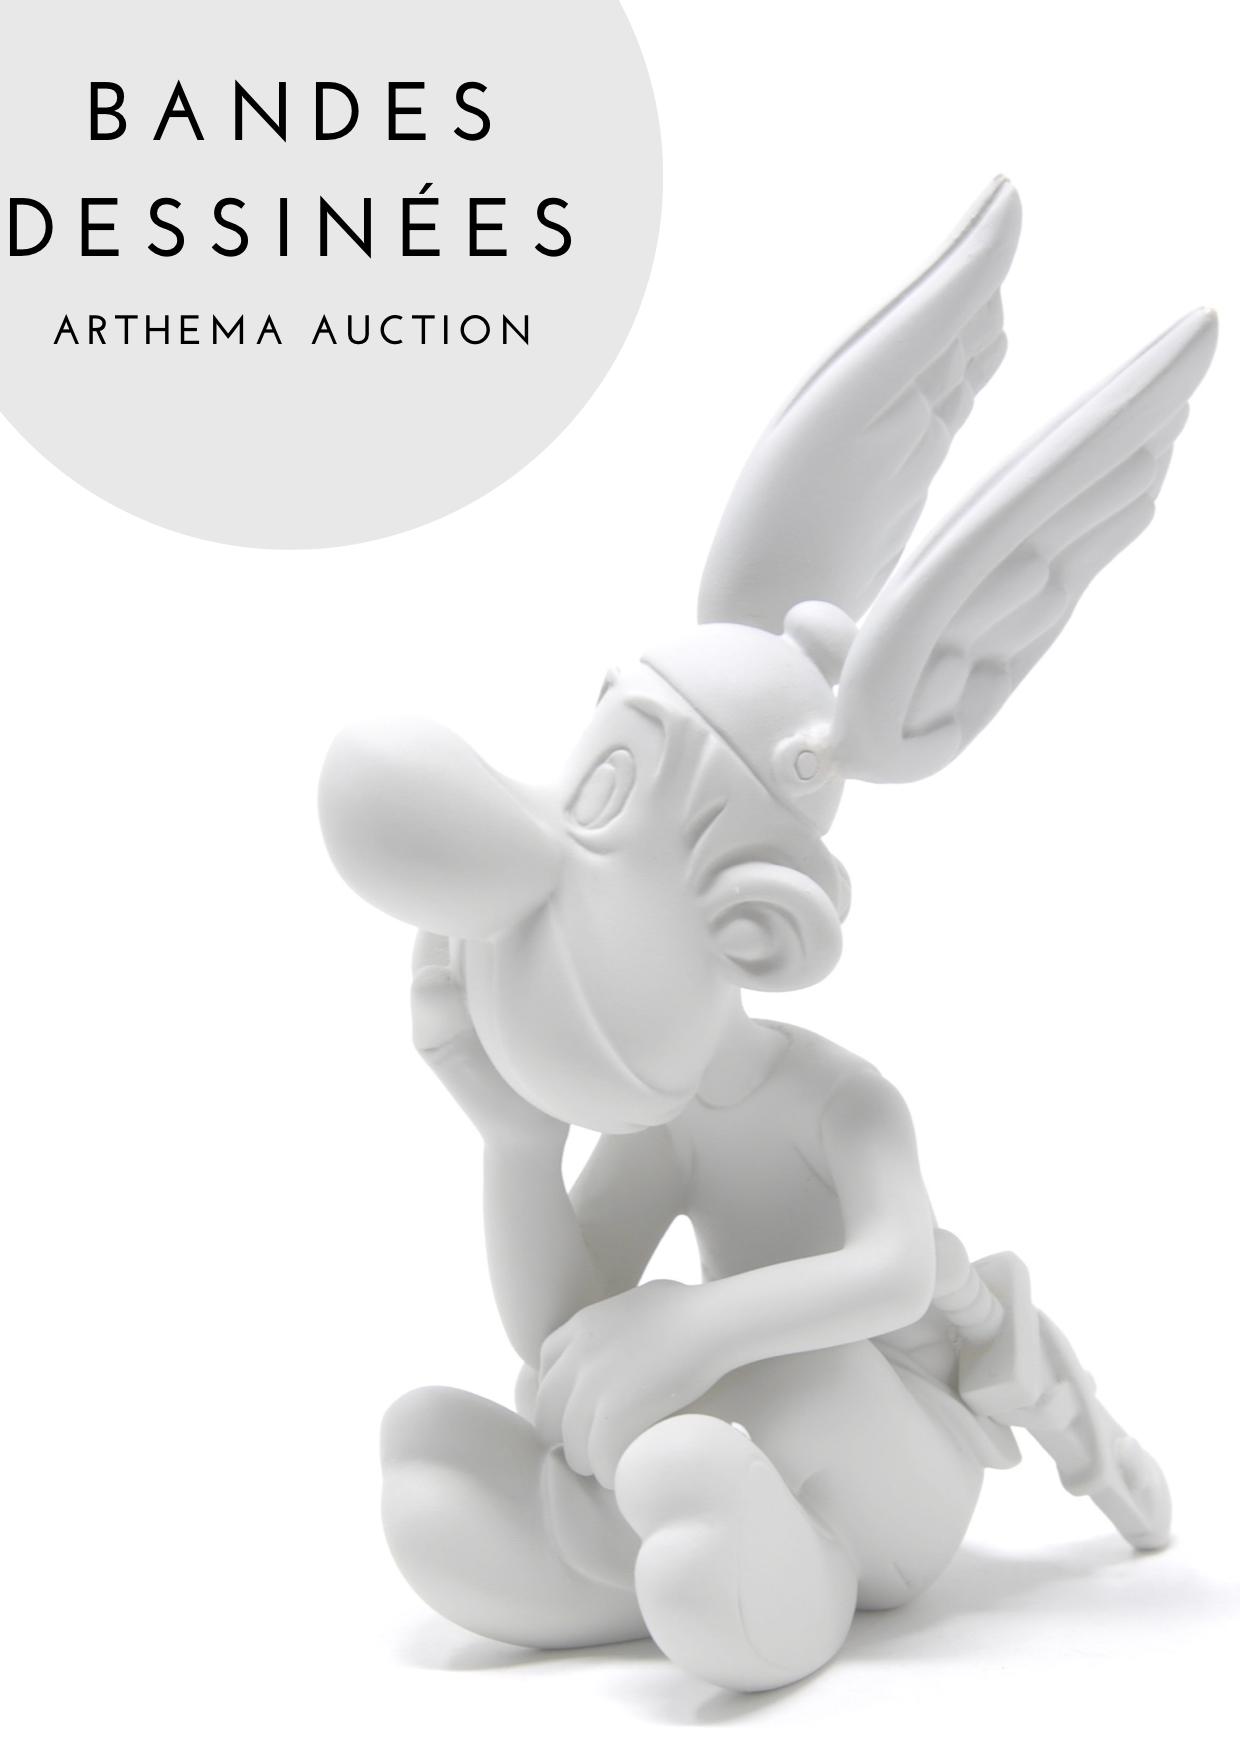 Vente Albums et Figurines de Bandes Dessinées  chez Arthema Auction : 553 lots